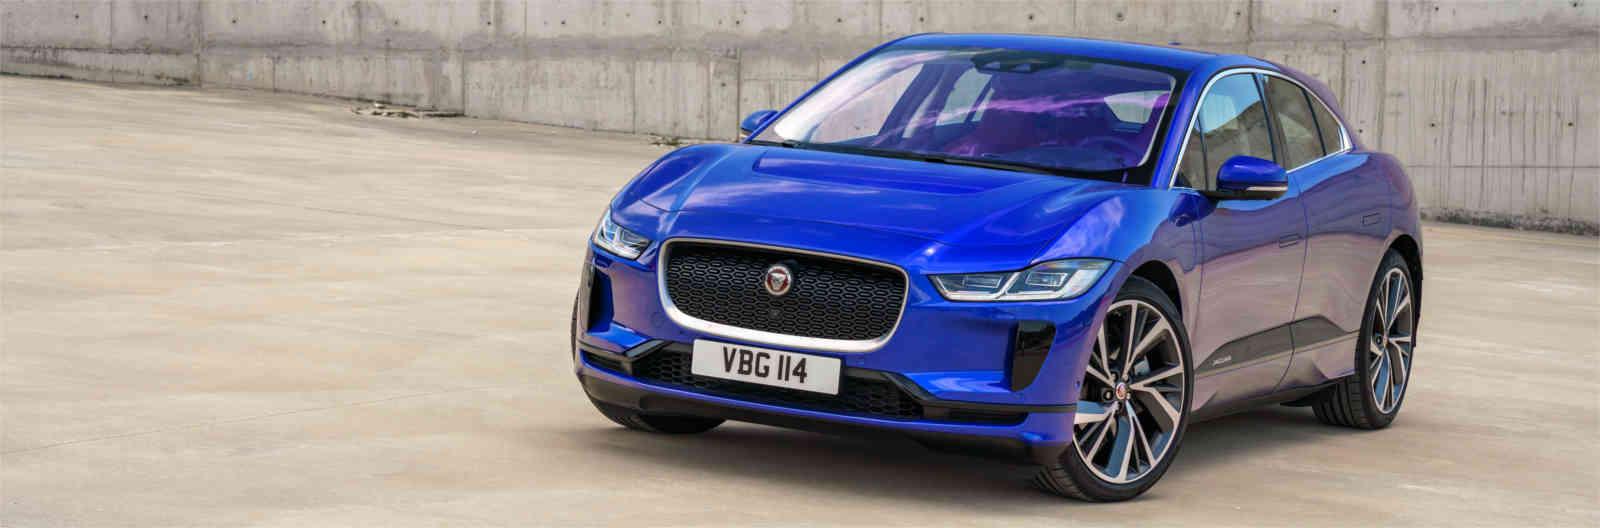 jaguar f pace azul